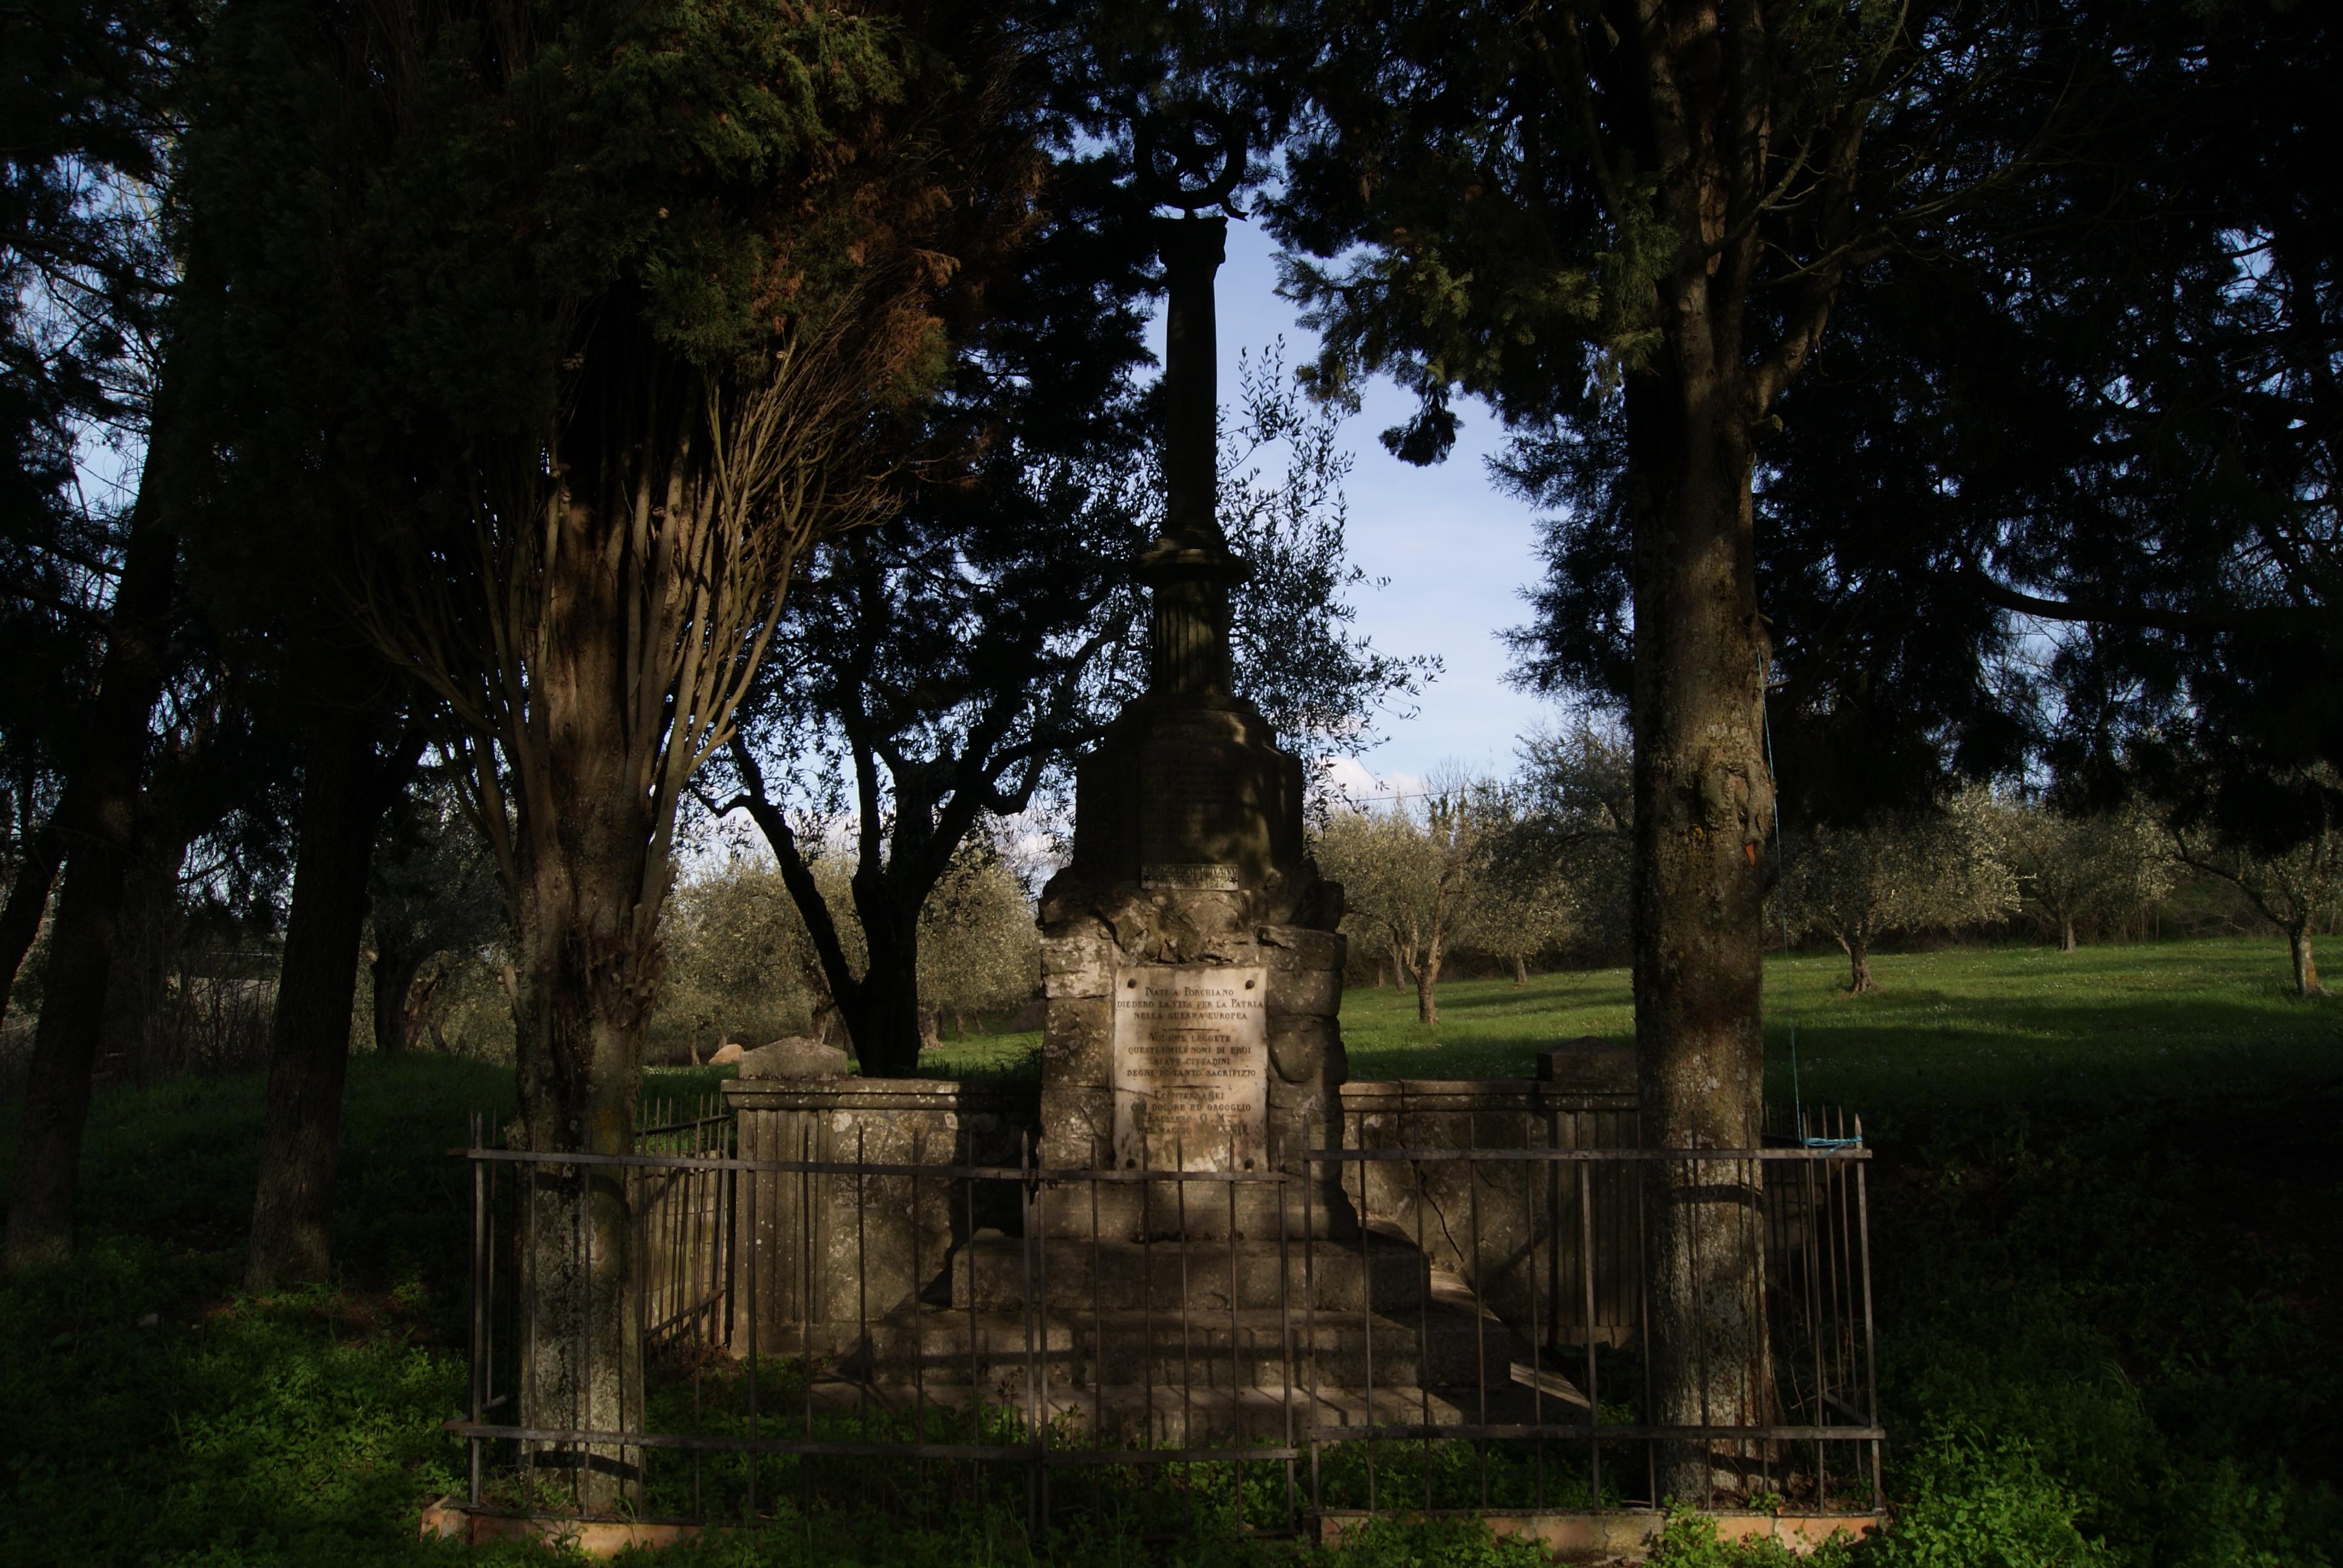 MONUMENTO DI PORCHIANO, FRONTE